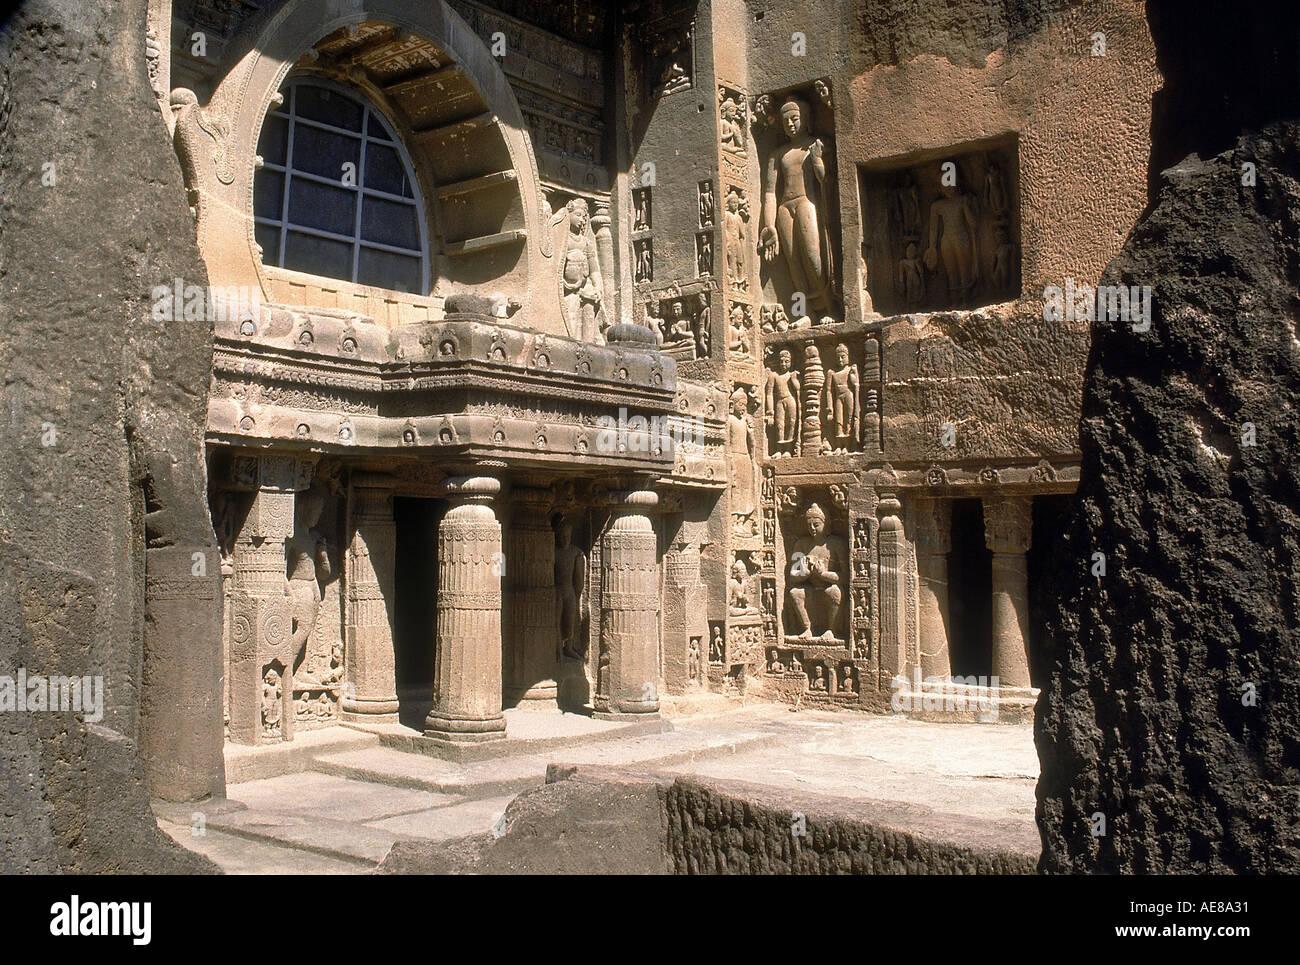 Ajanta Höhle 9: Chaitya Fassade mit aufdringlichen Buddhastatuen. Aurangabad, Indien Stockbild